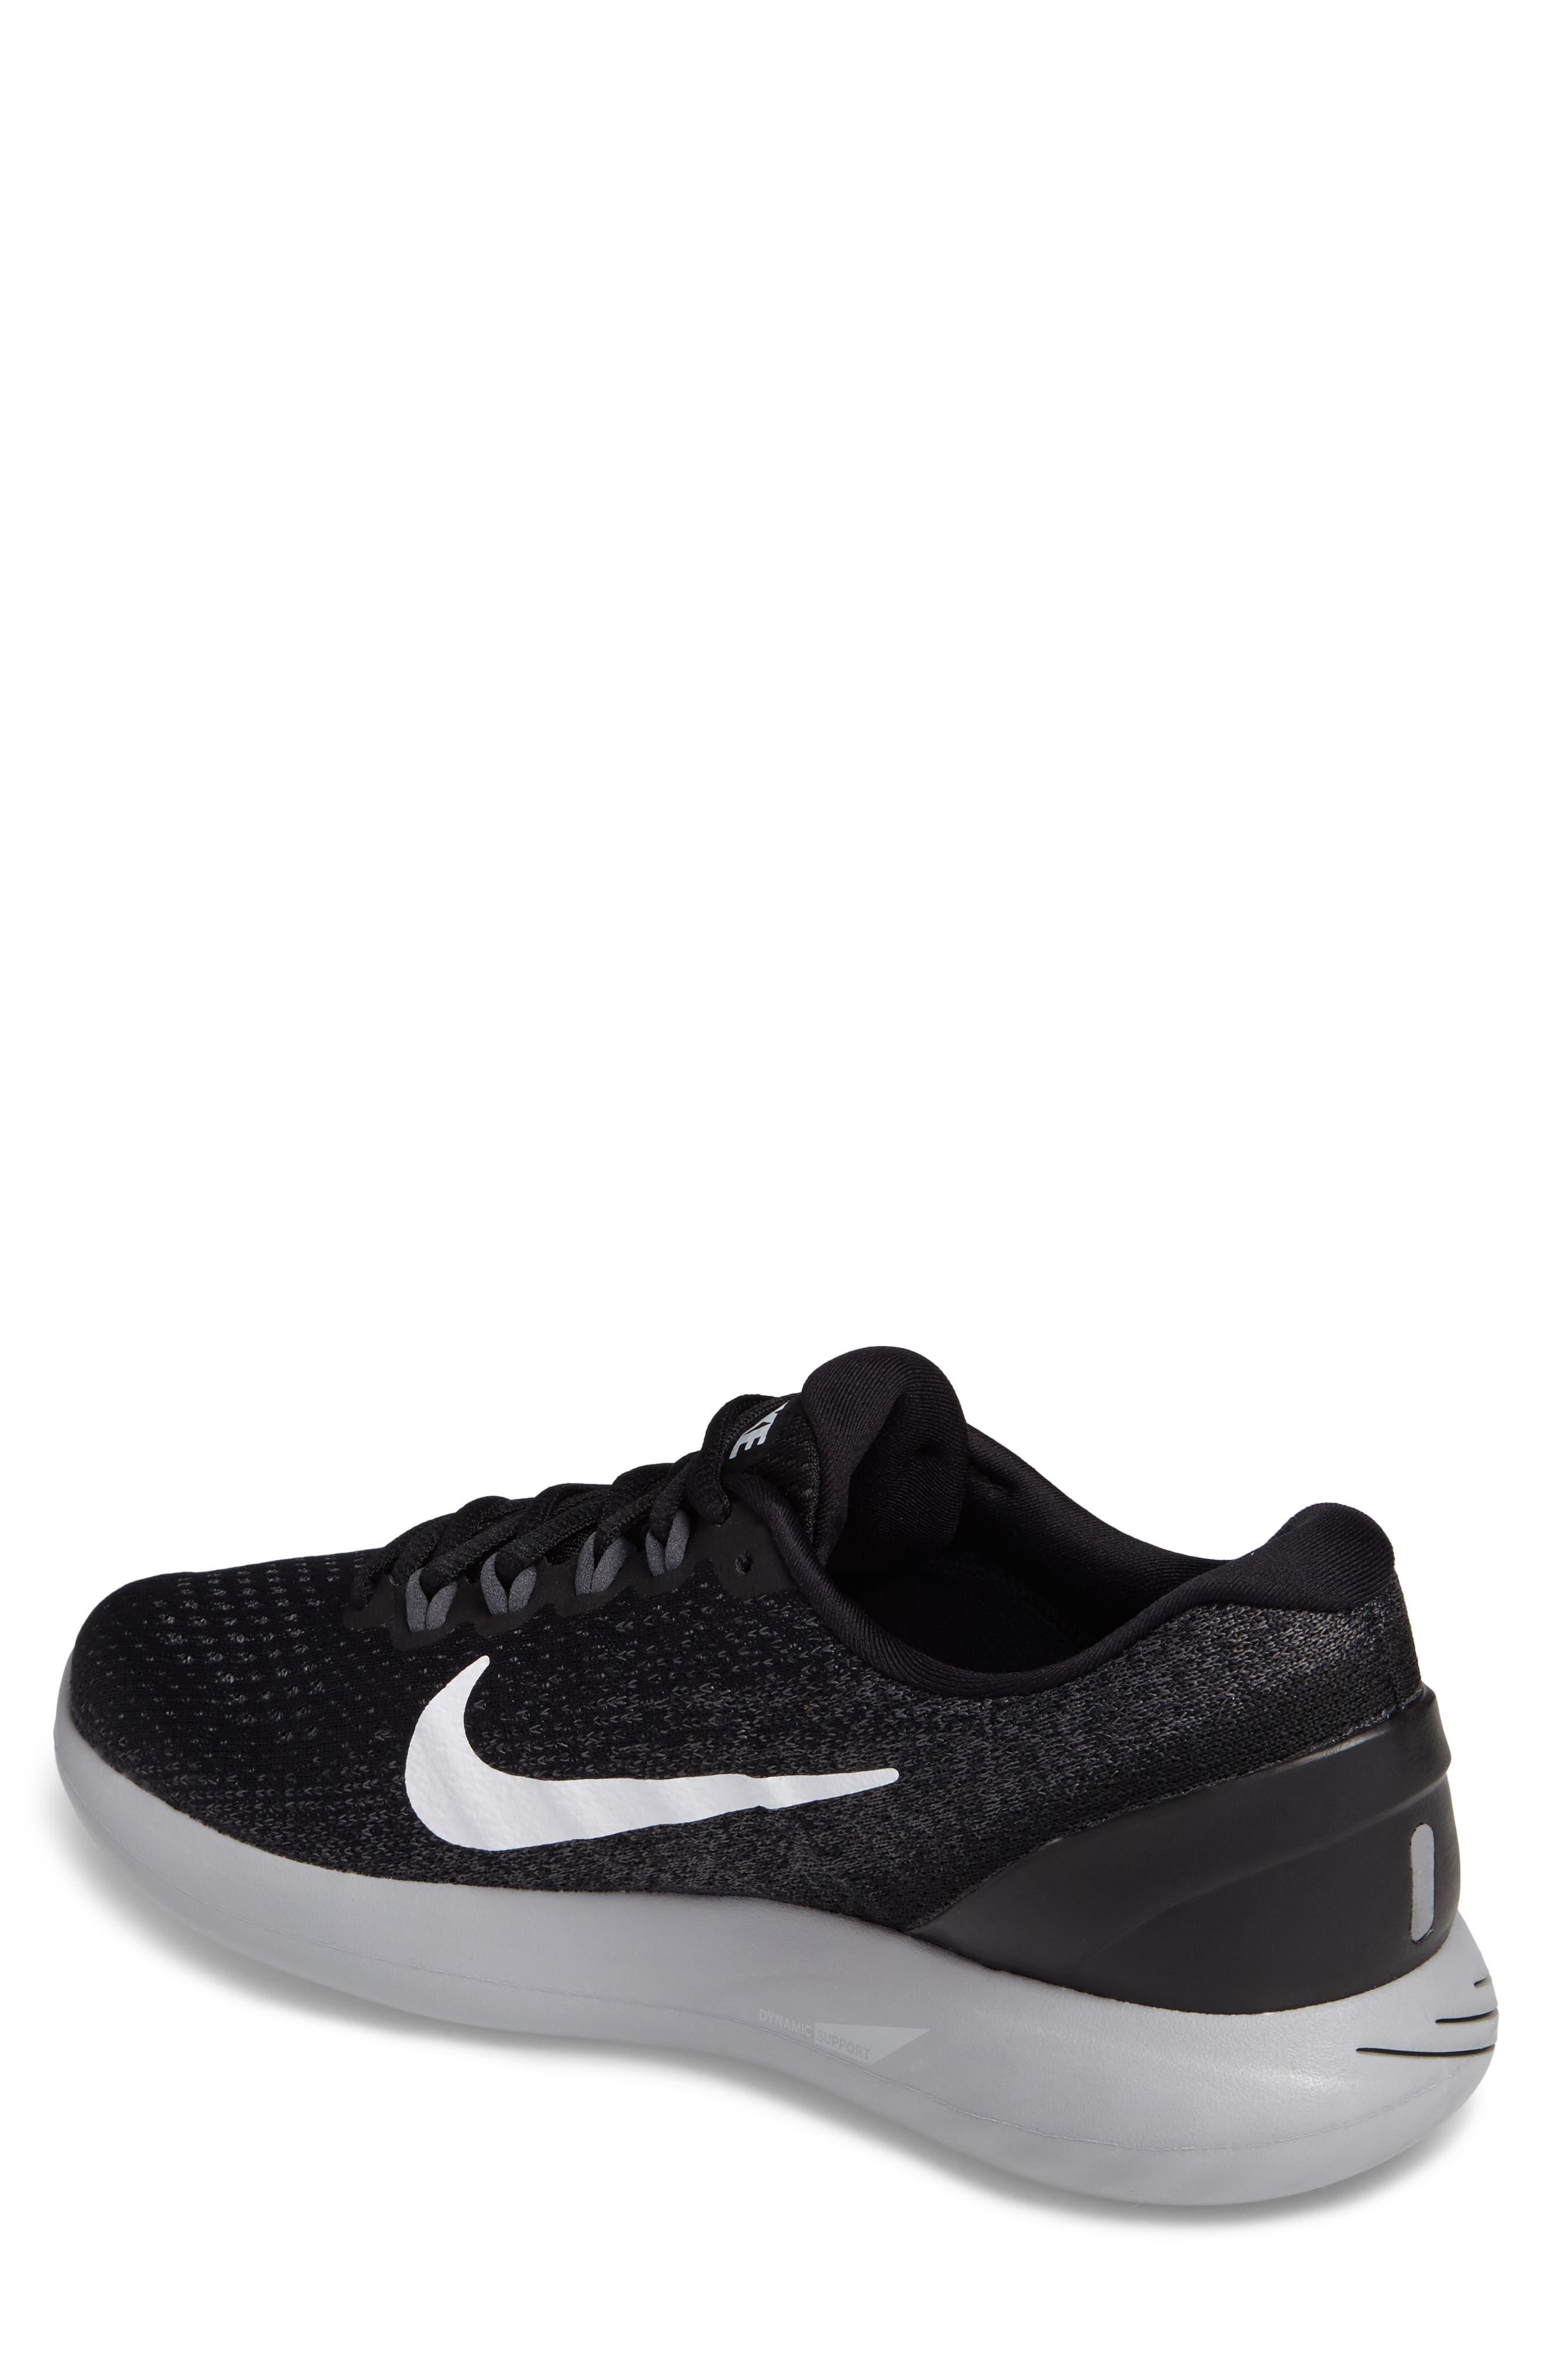 Alternate Image 2  - Nike LunarGlide 9 Running Shoe (Men)